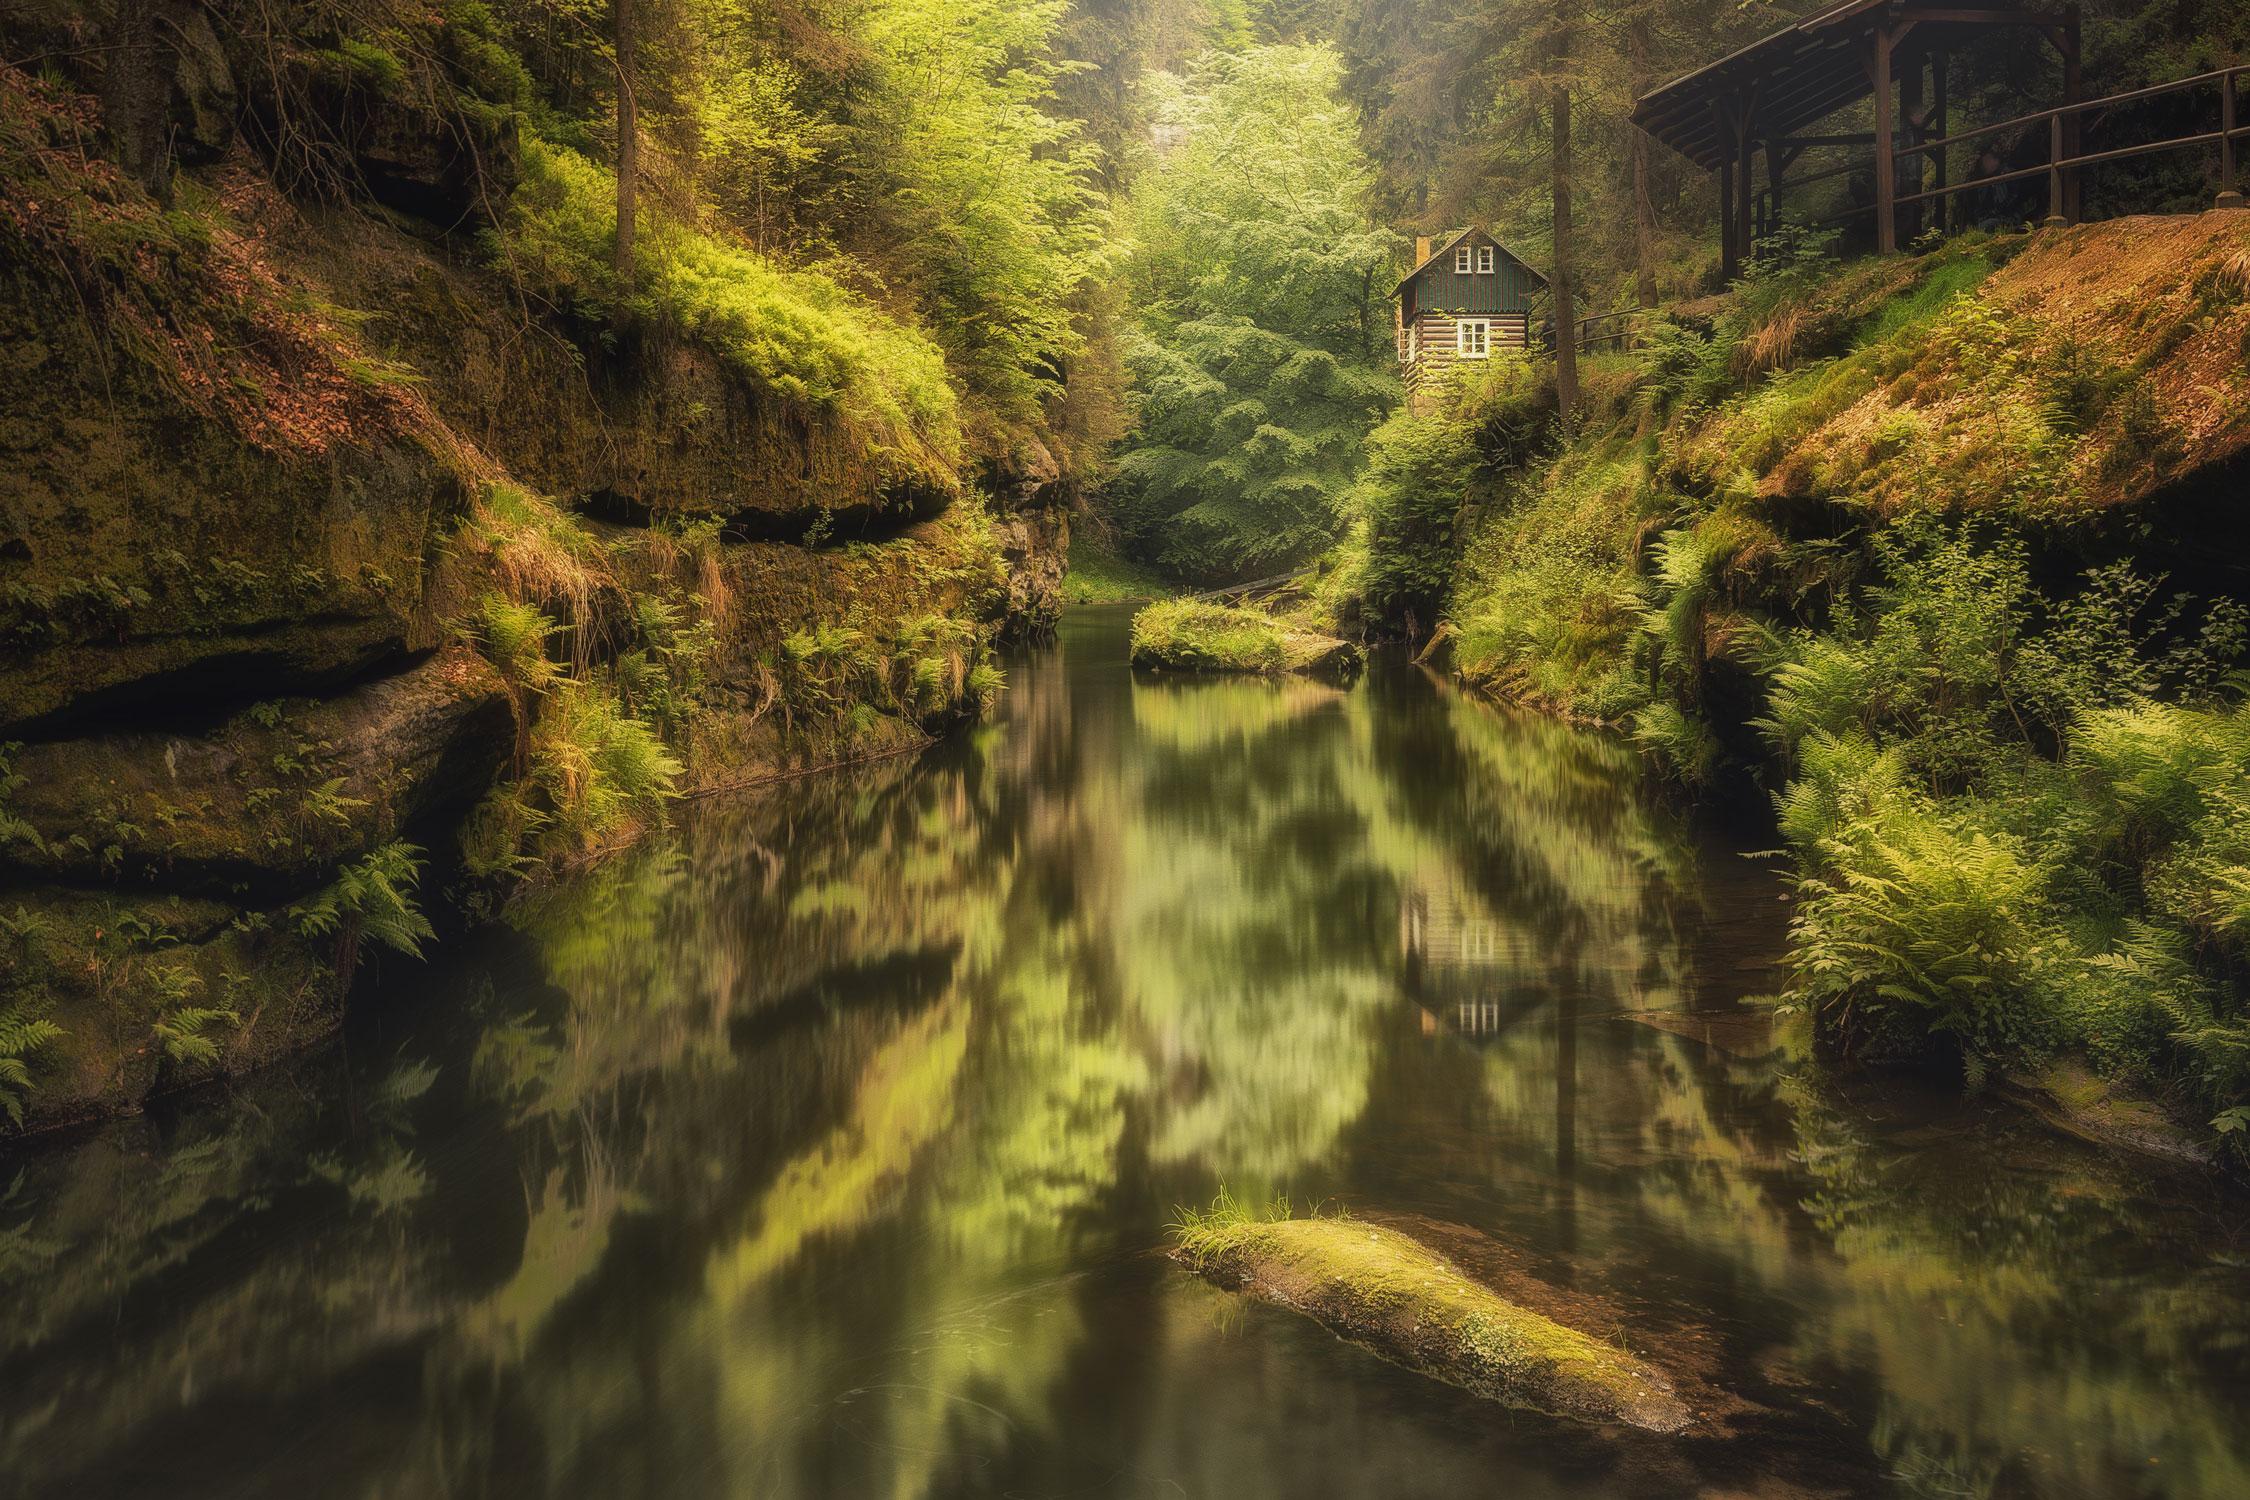 bohemian switzerland  Photography: Martin Bisof